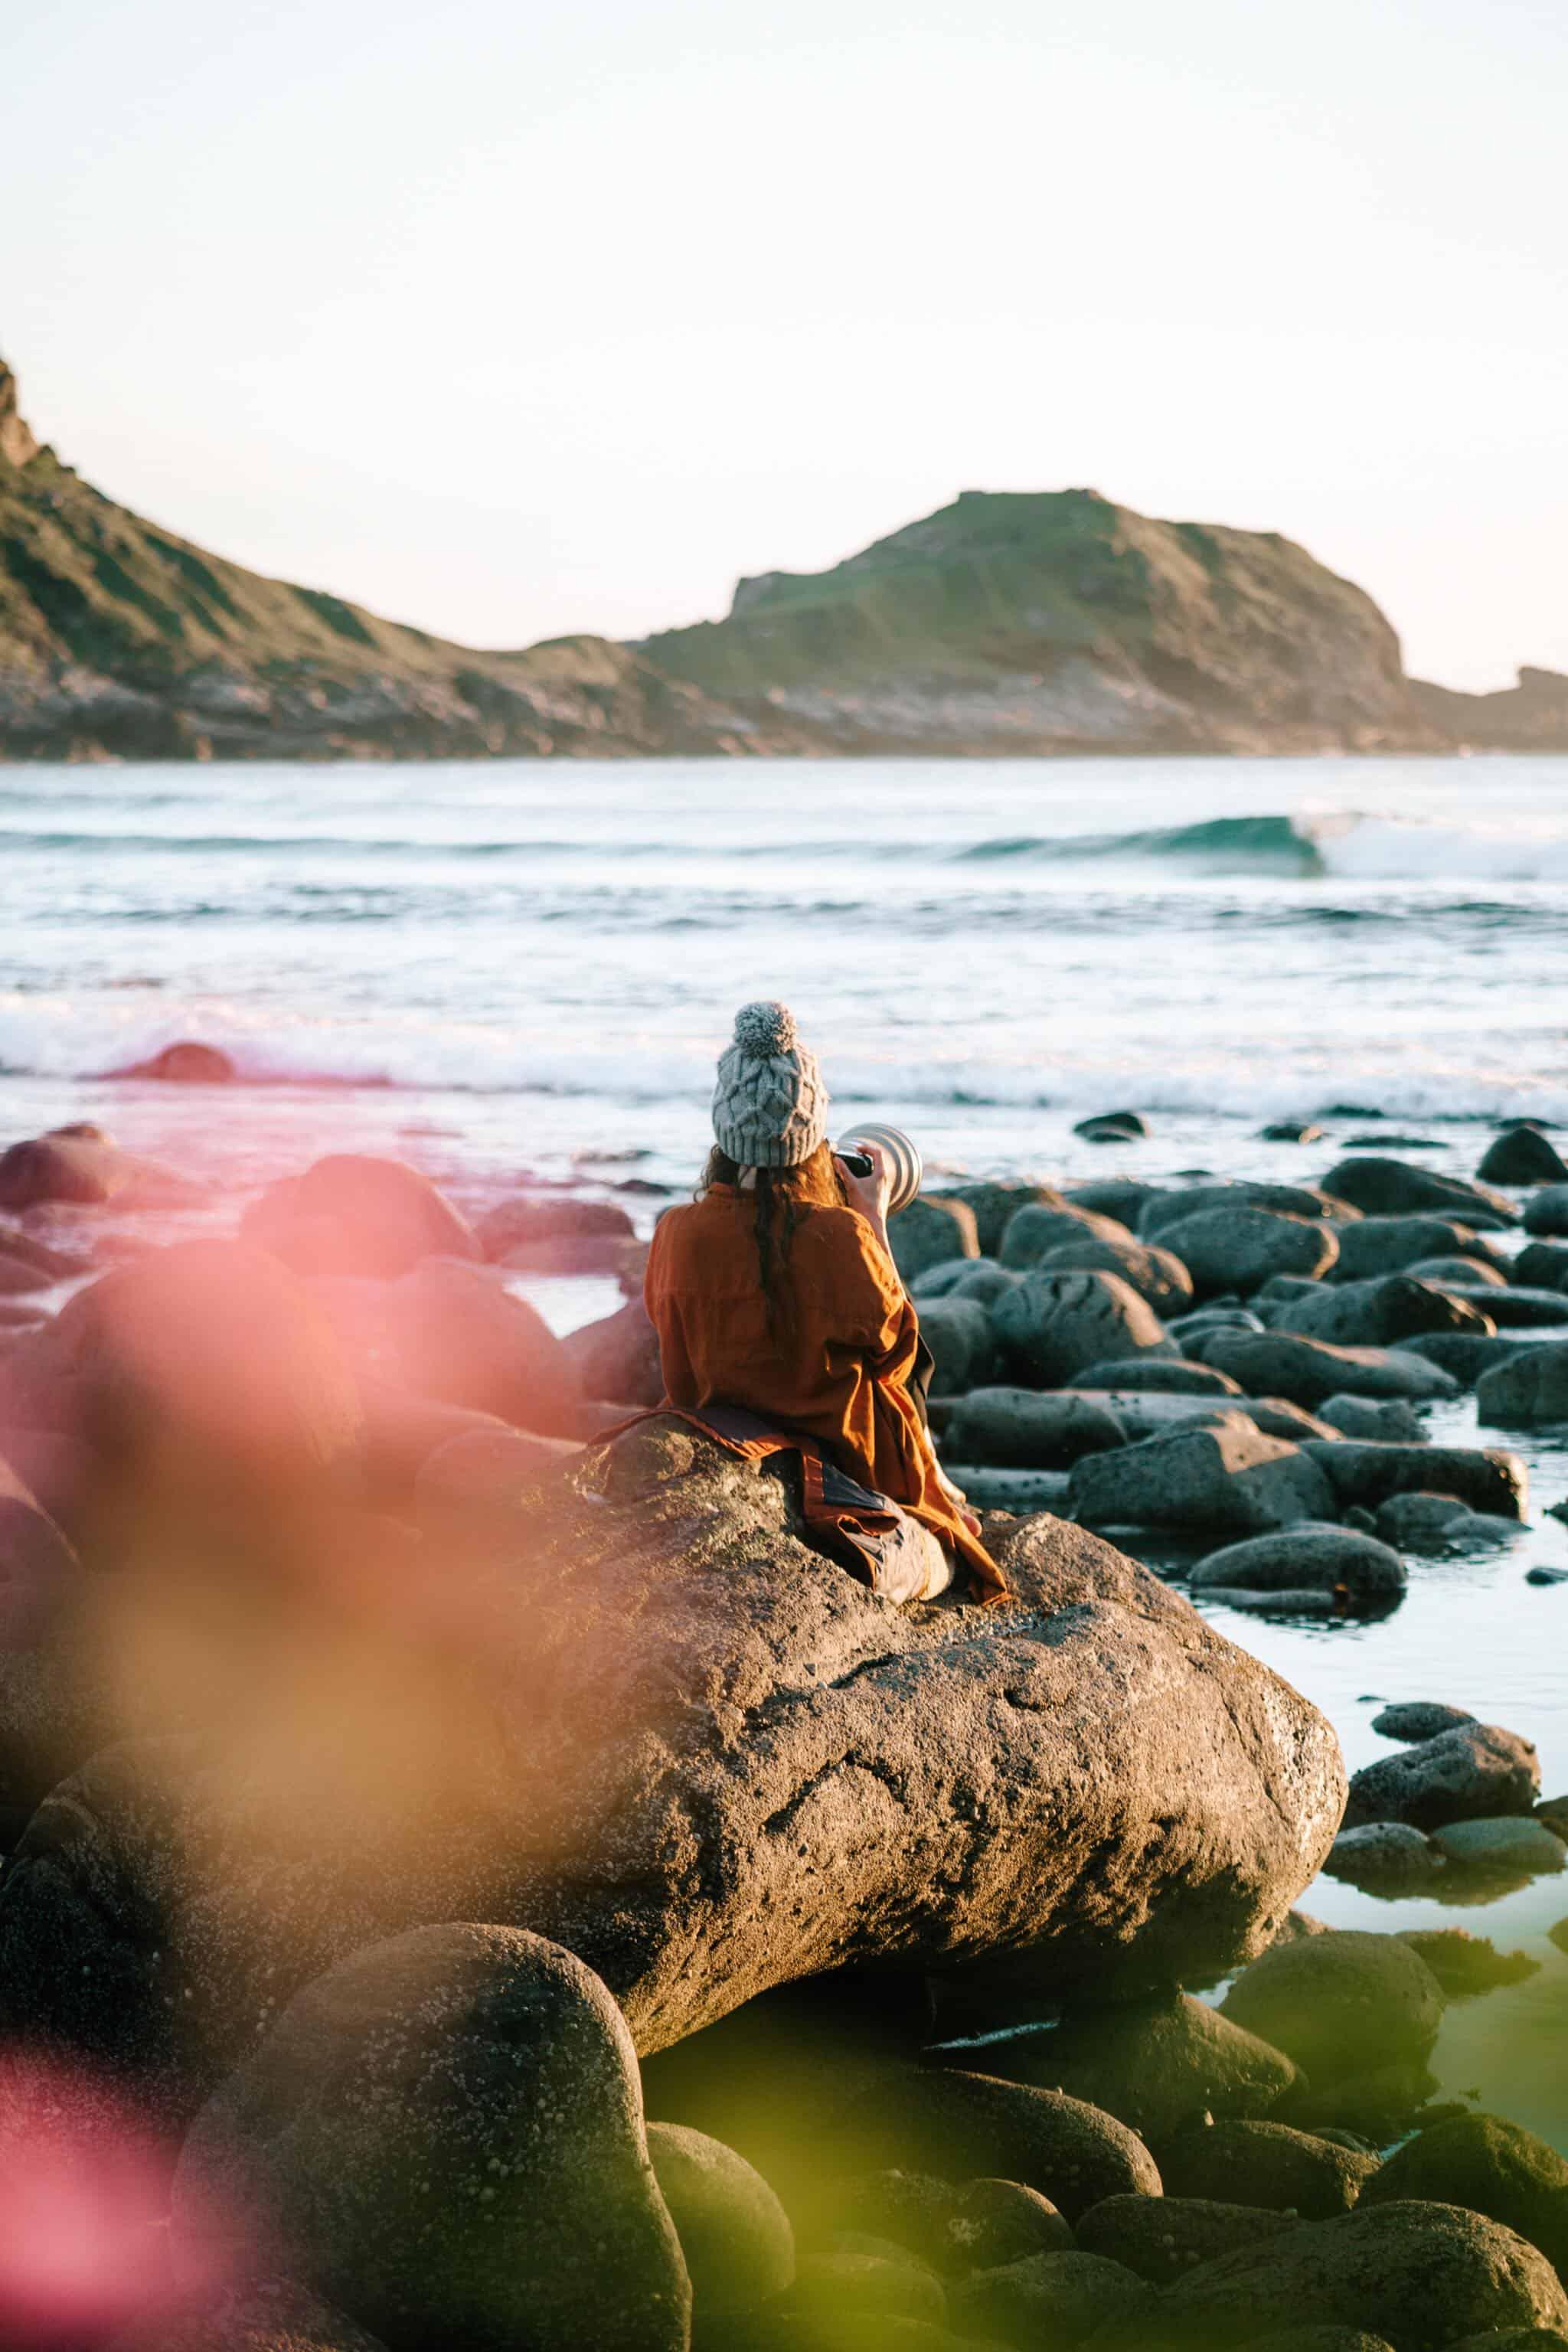 Camilla fanger havets øyeblikk